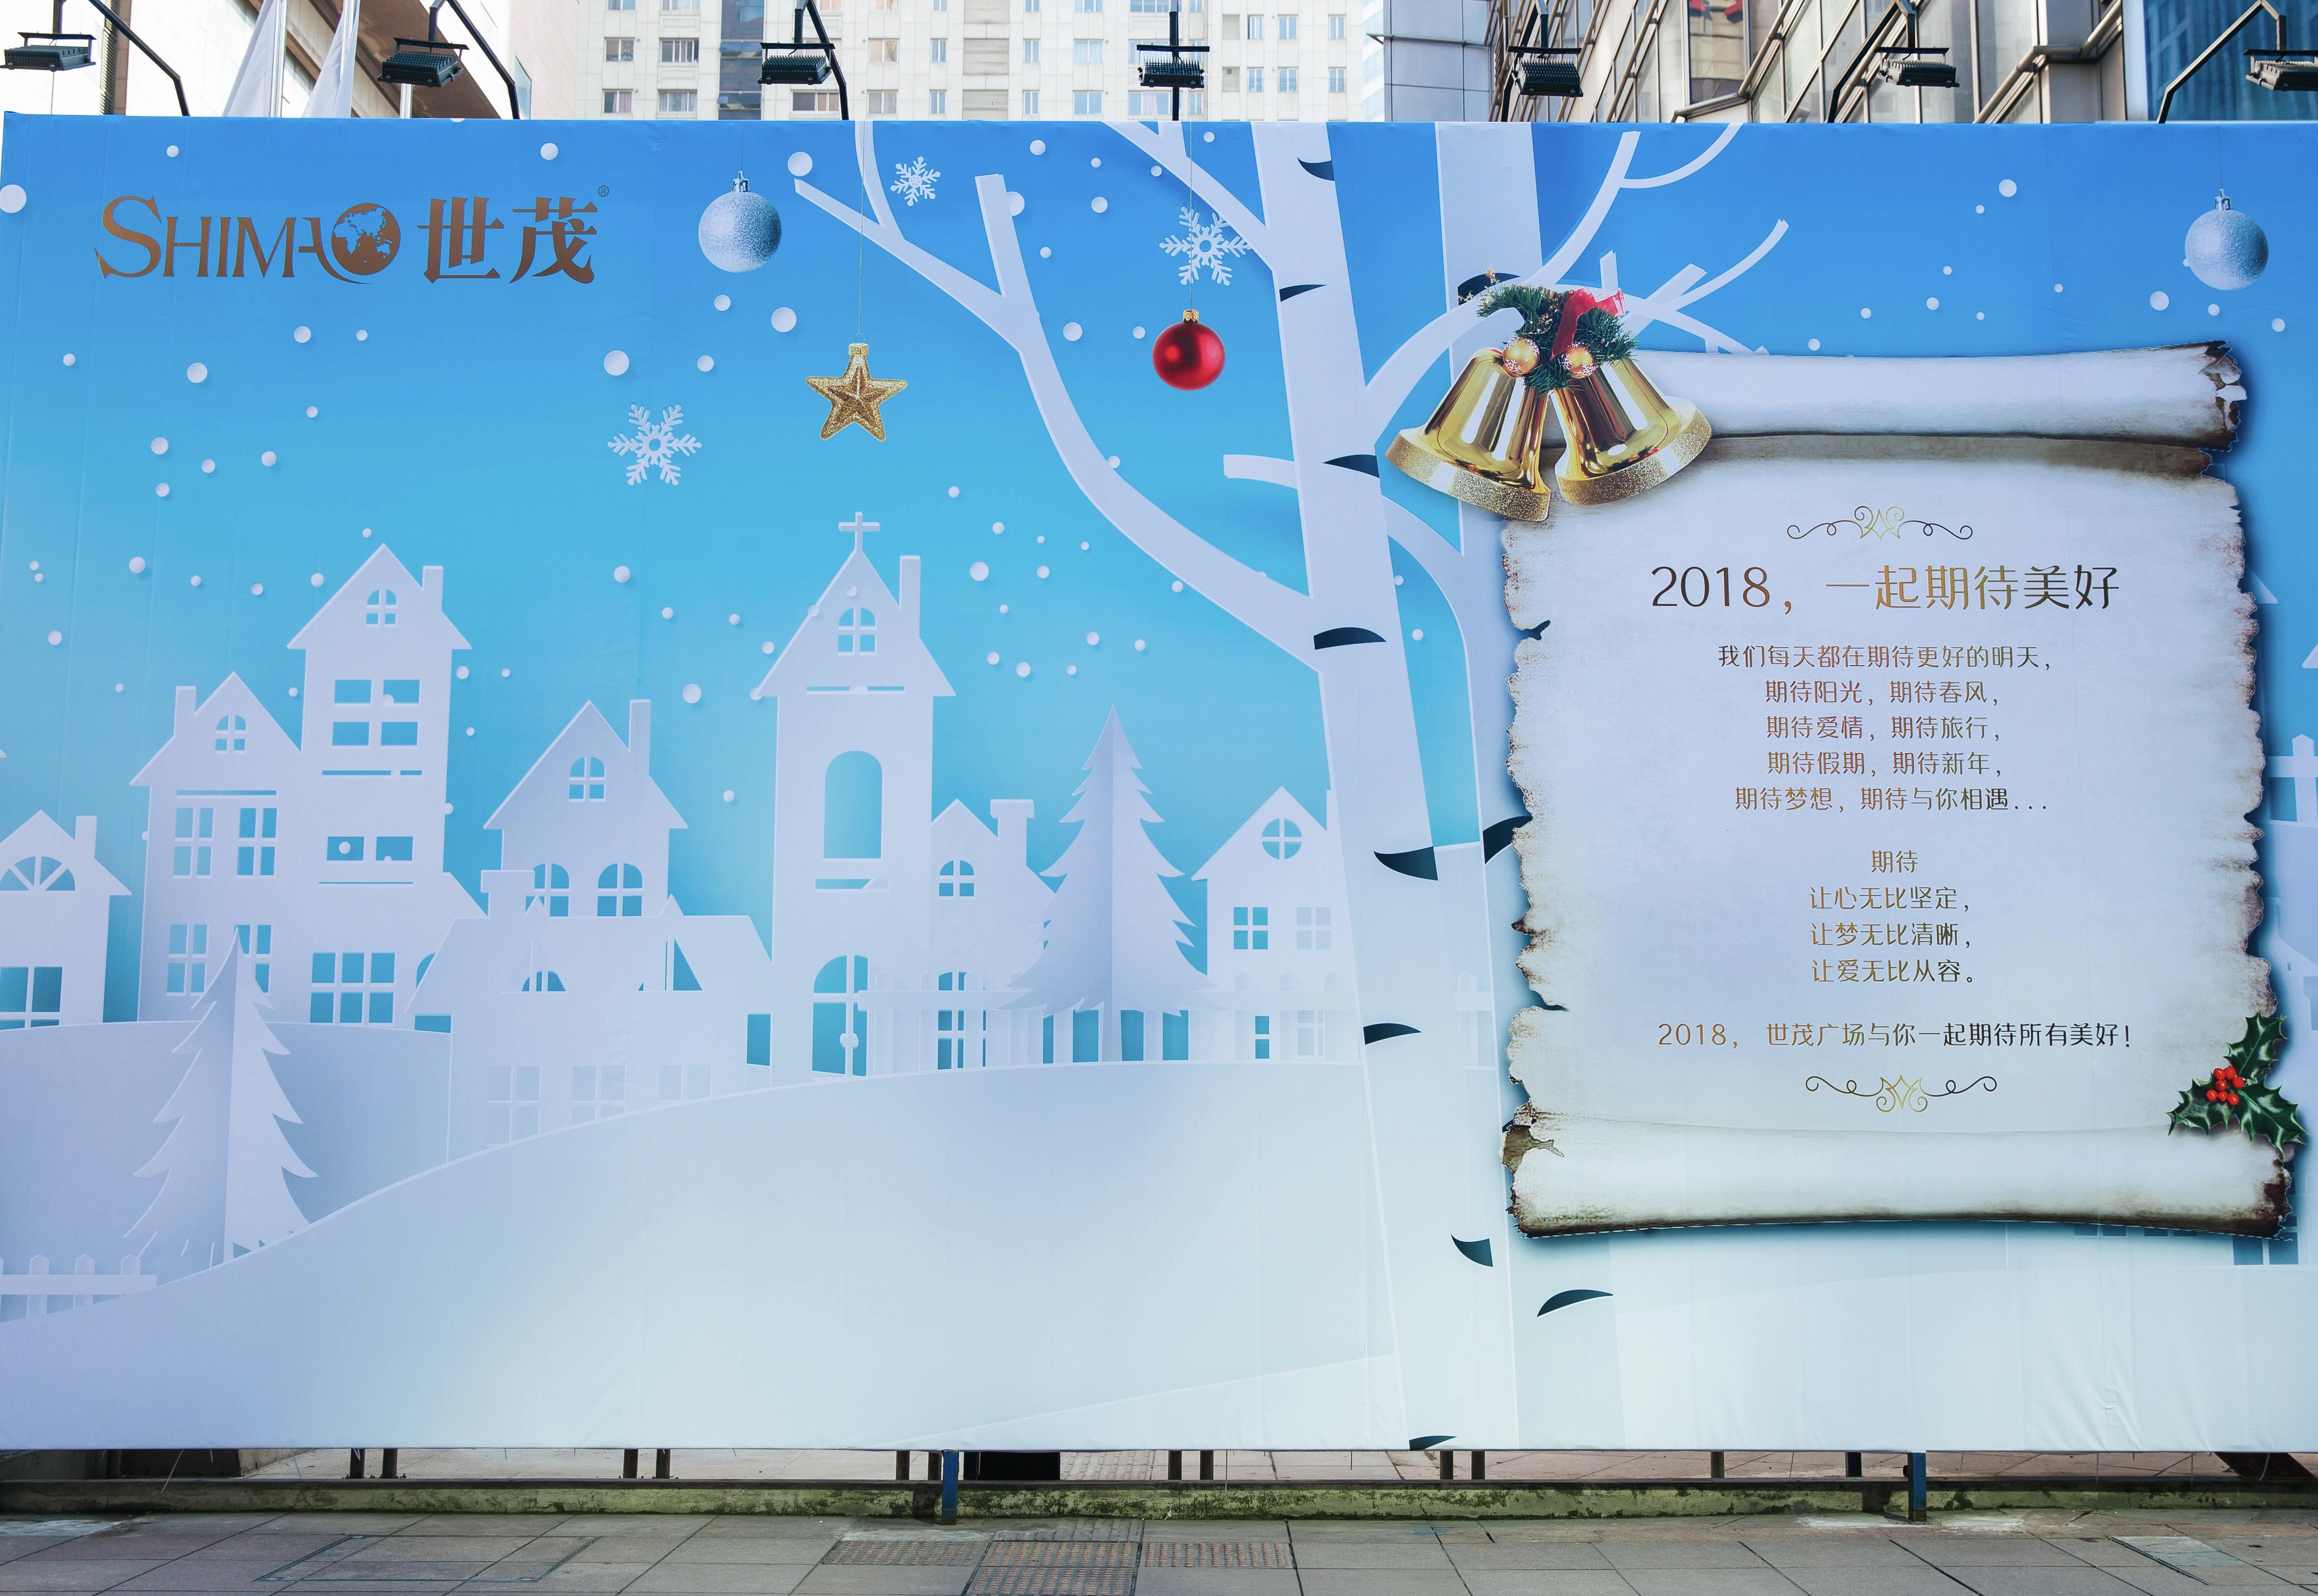 """南京东路上""""现象级围挡""""再出新招 – 上海世茂广场圣诞季开启大动作"""